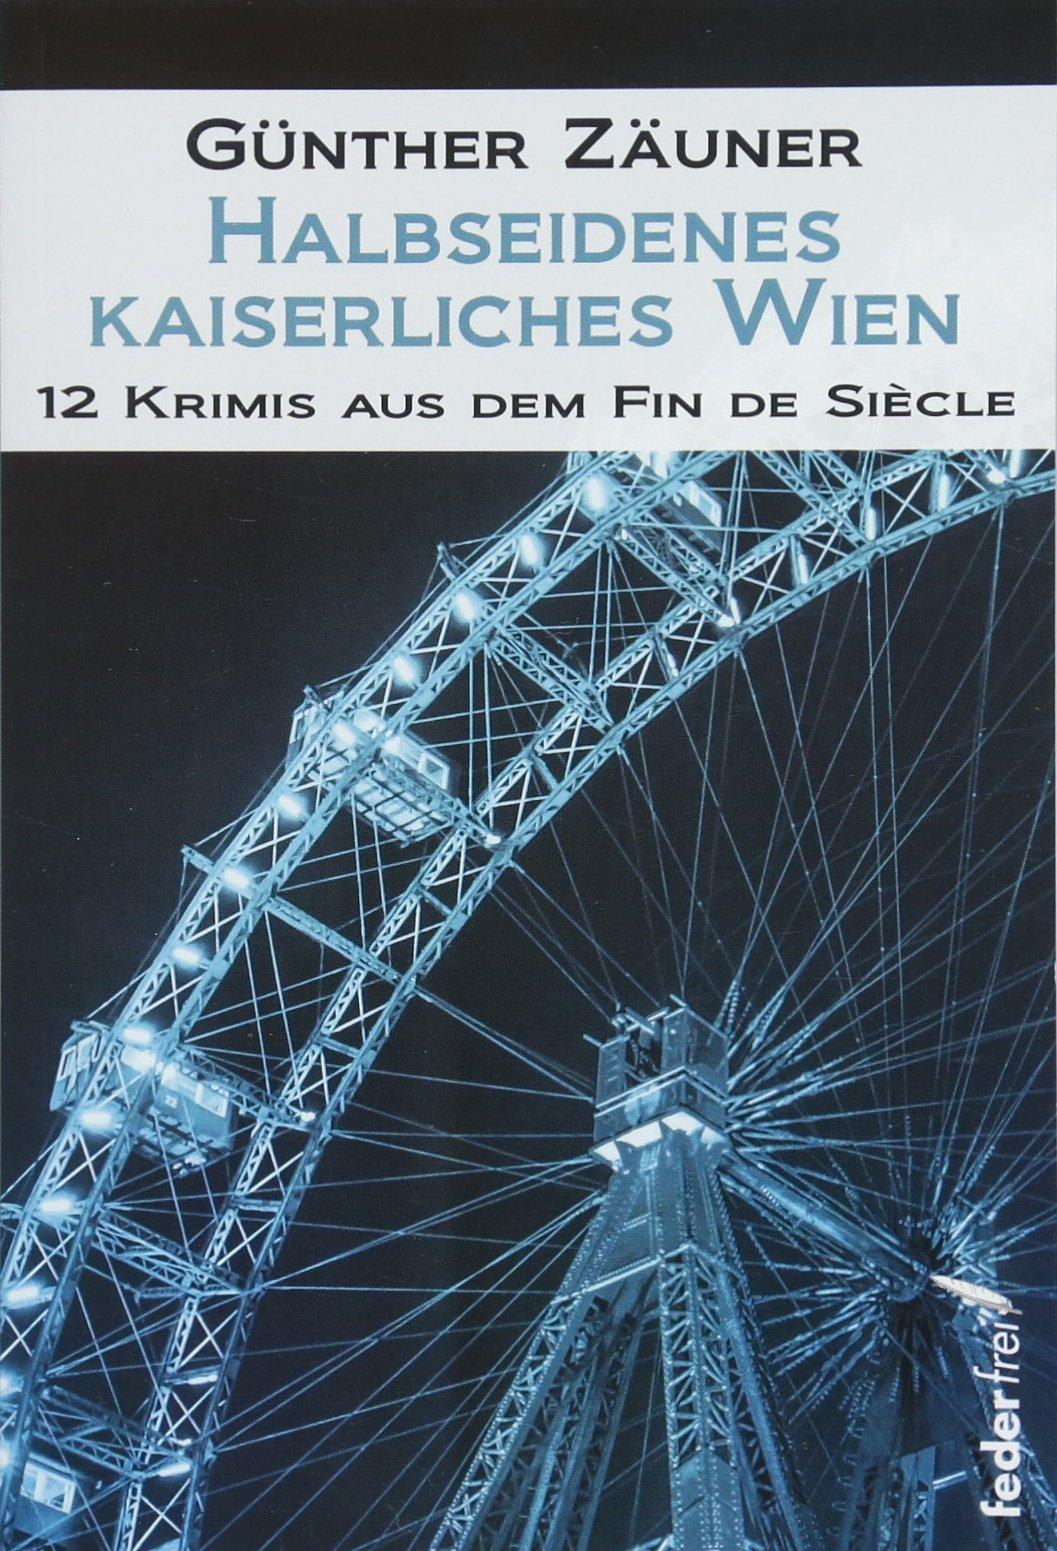 Halbseidenes kaiserliches Wien: 12 Krimis aus dem Fin de Siecle